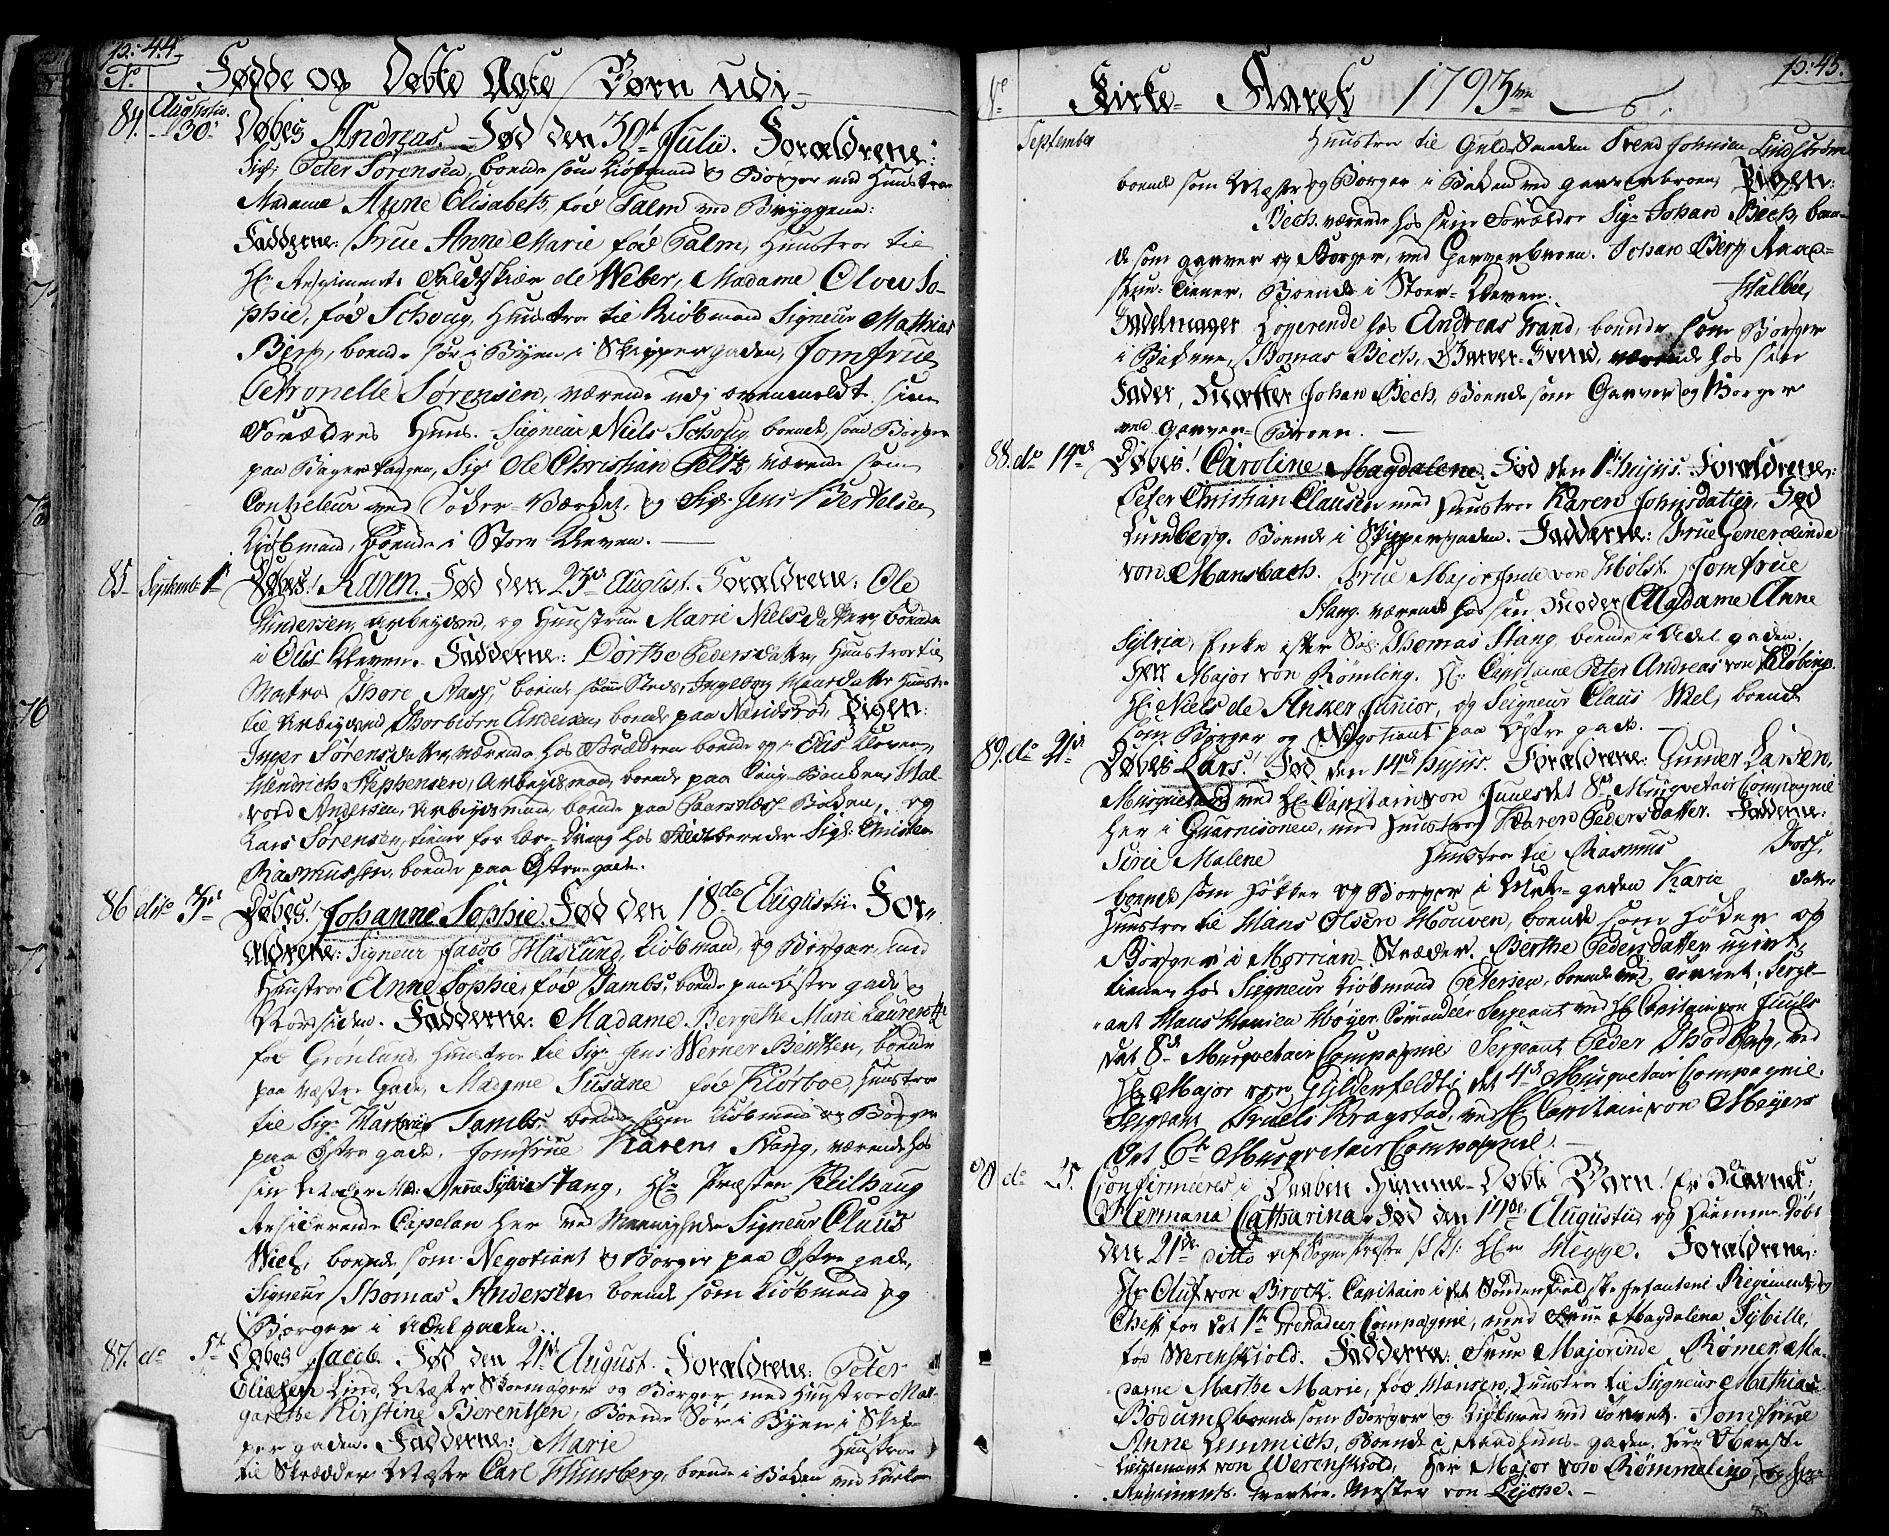 SAO, Halden prestekontor Kirkebøker, F/Fa/L0002: Ministerialbok nr. I 2, 1792-1812, s. 44-45